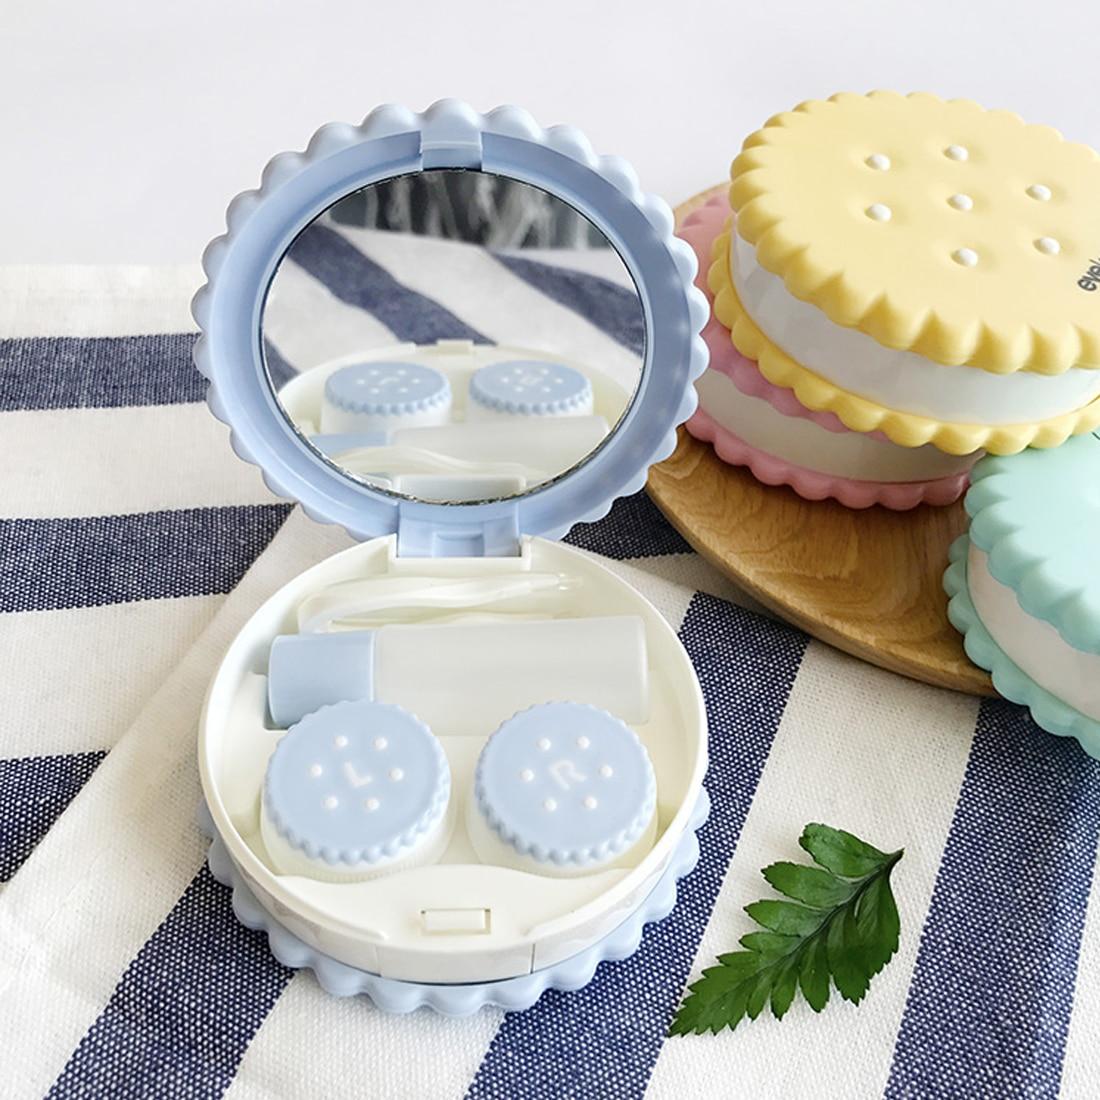 Mignon dessin animé biscuits forme étui à lentilles de Contact belle spéciale Mini voyage Portable poche conteneur de caisses support de Kit de voyage